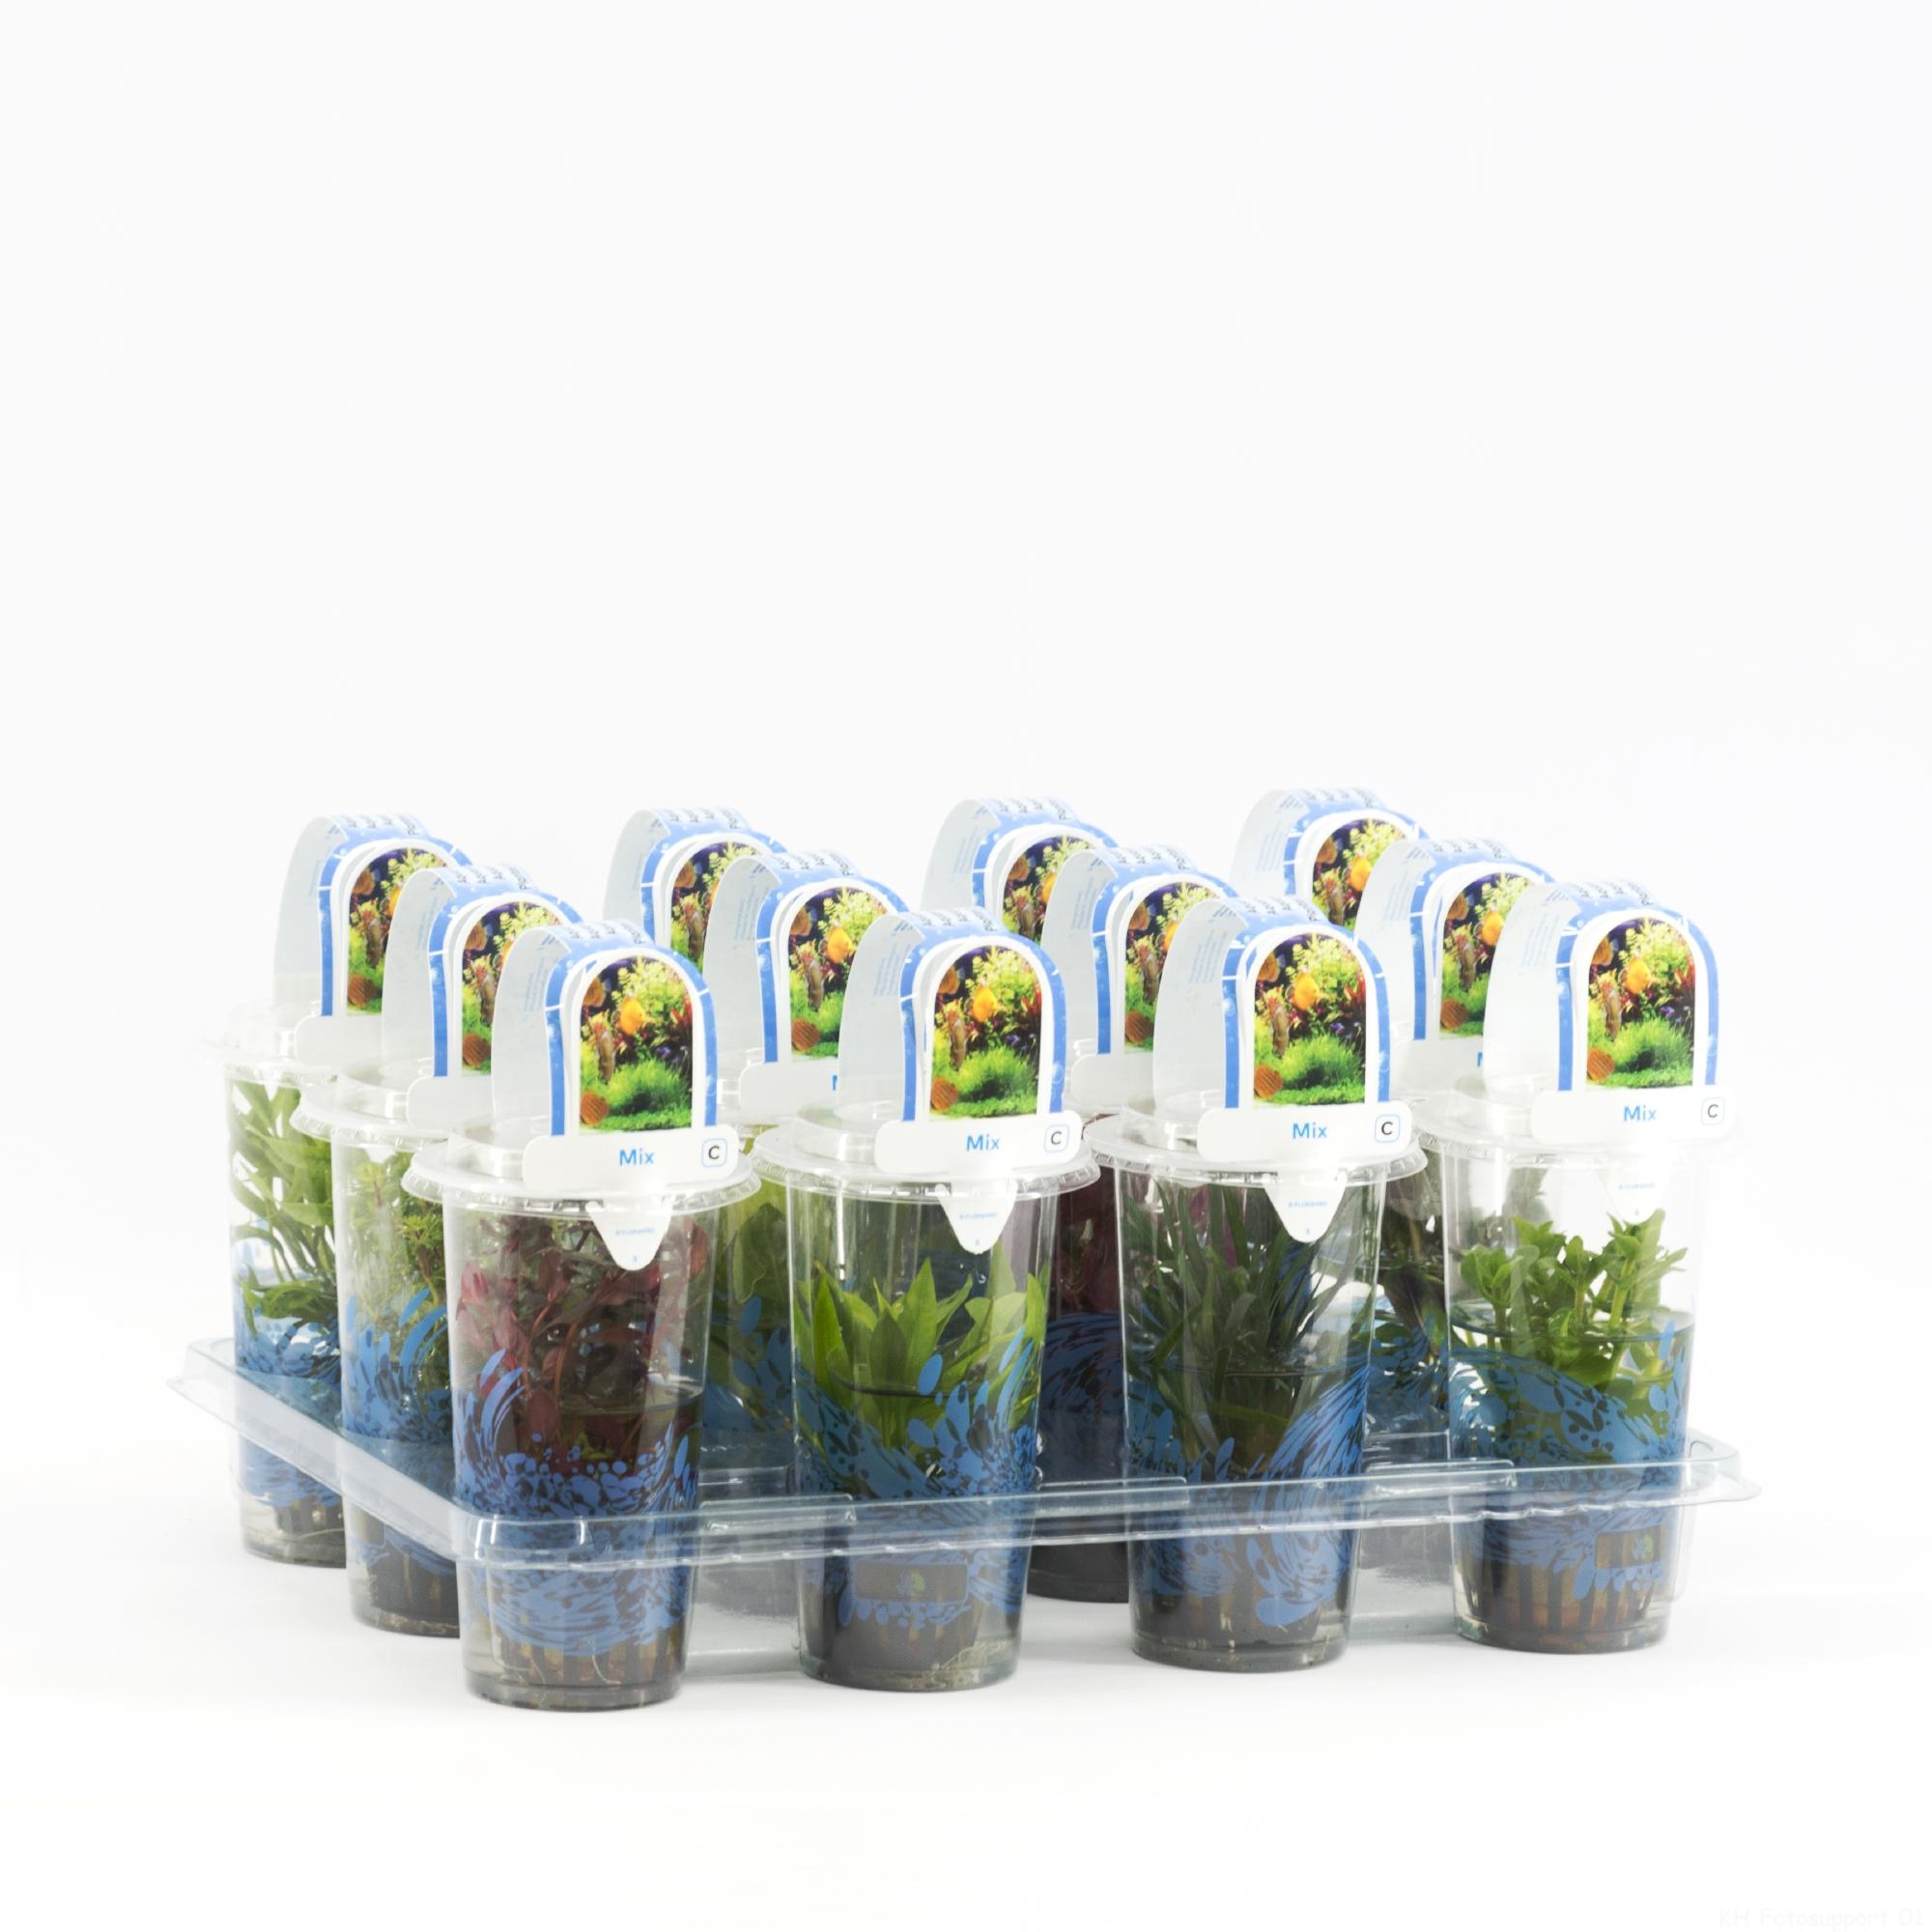 B x Aquariumplanten mix in beker small 20180320113402